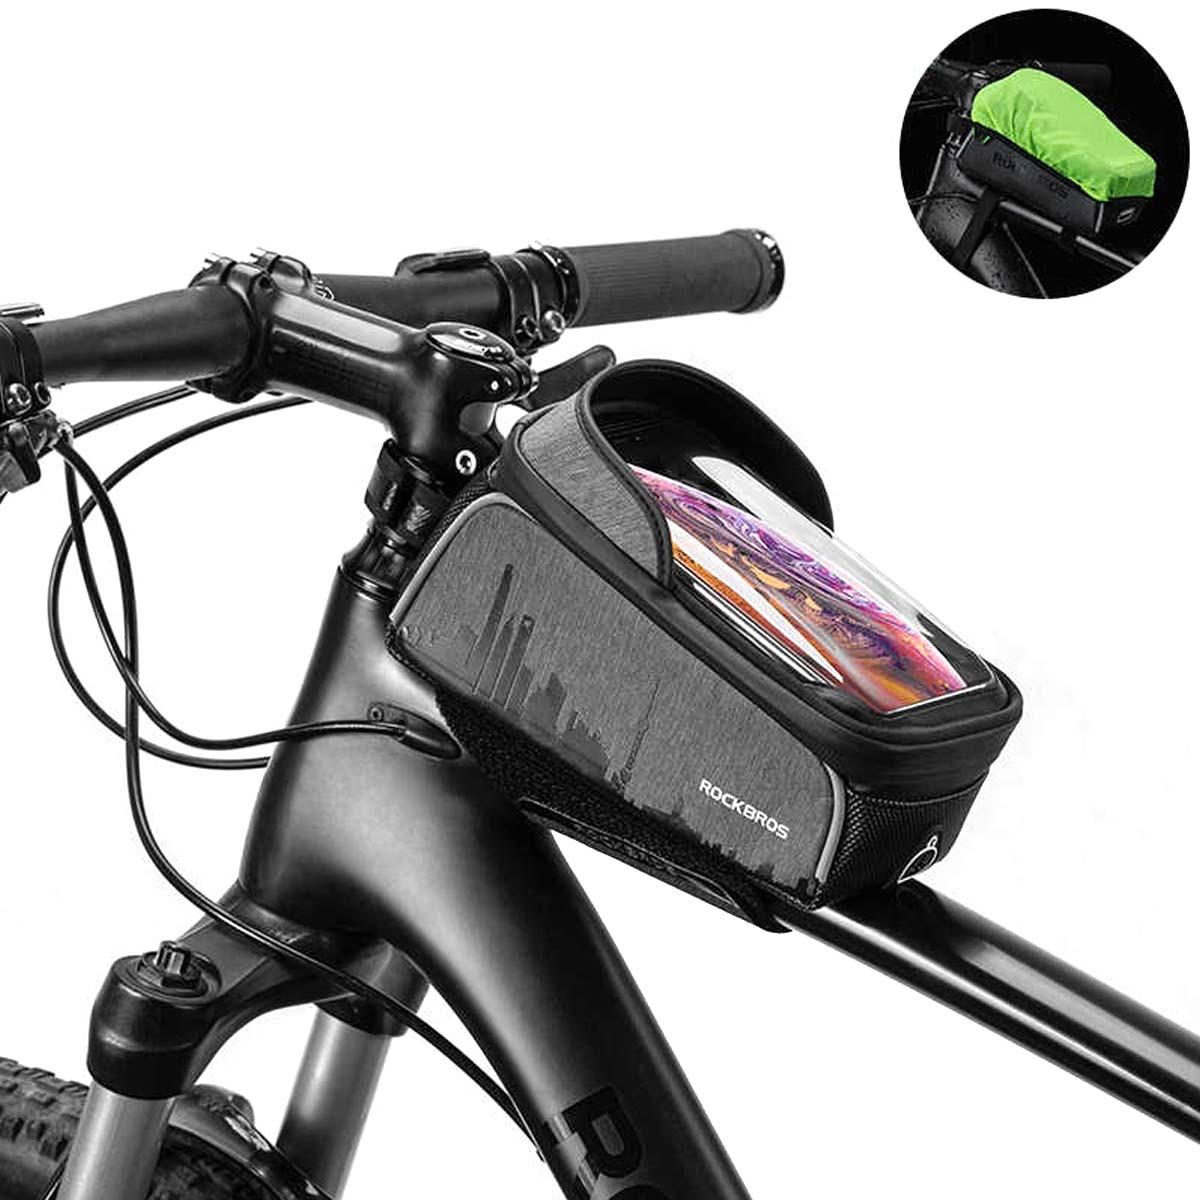 Bolsa Celular de Quadro Bike Rockbros